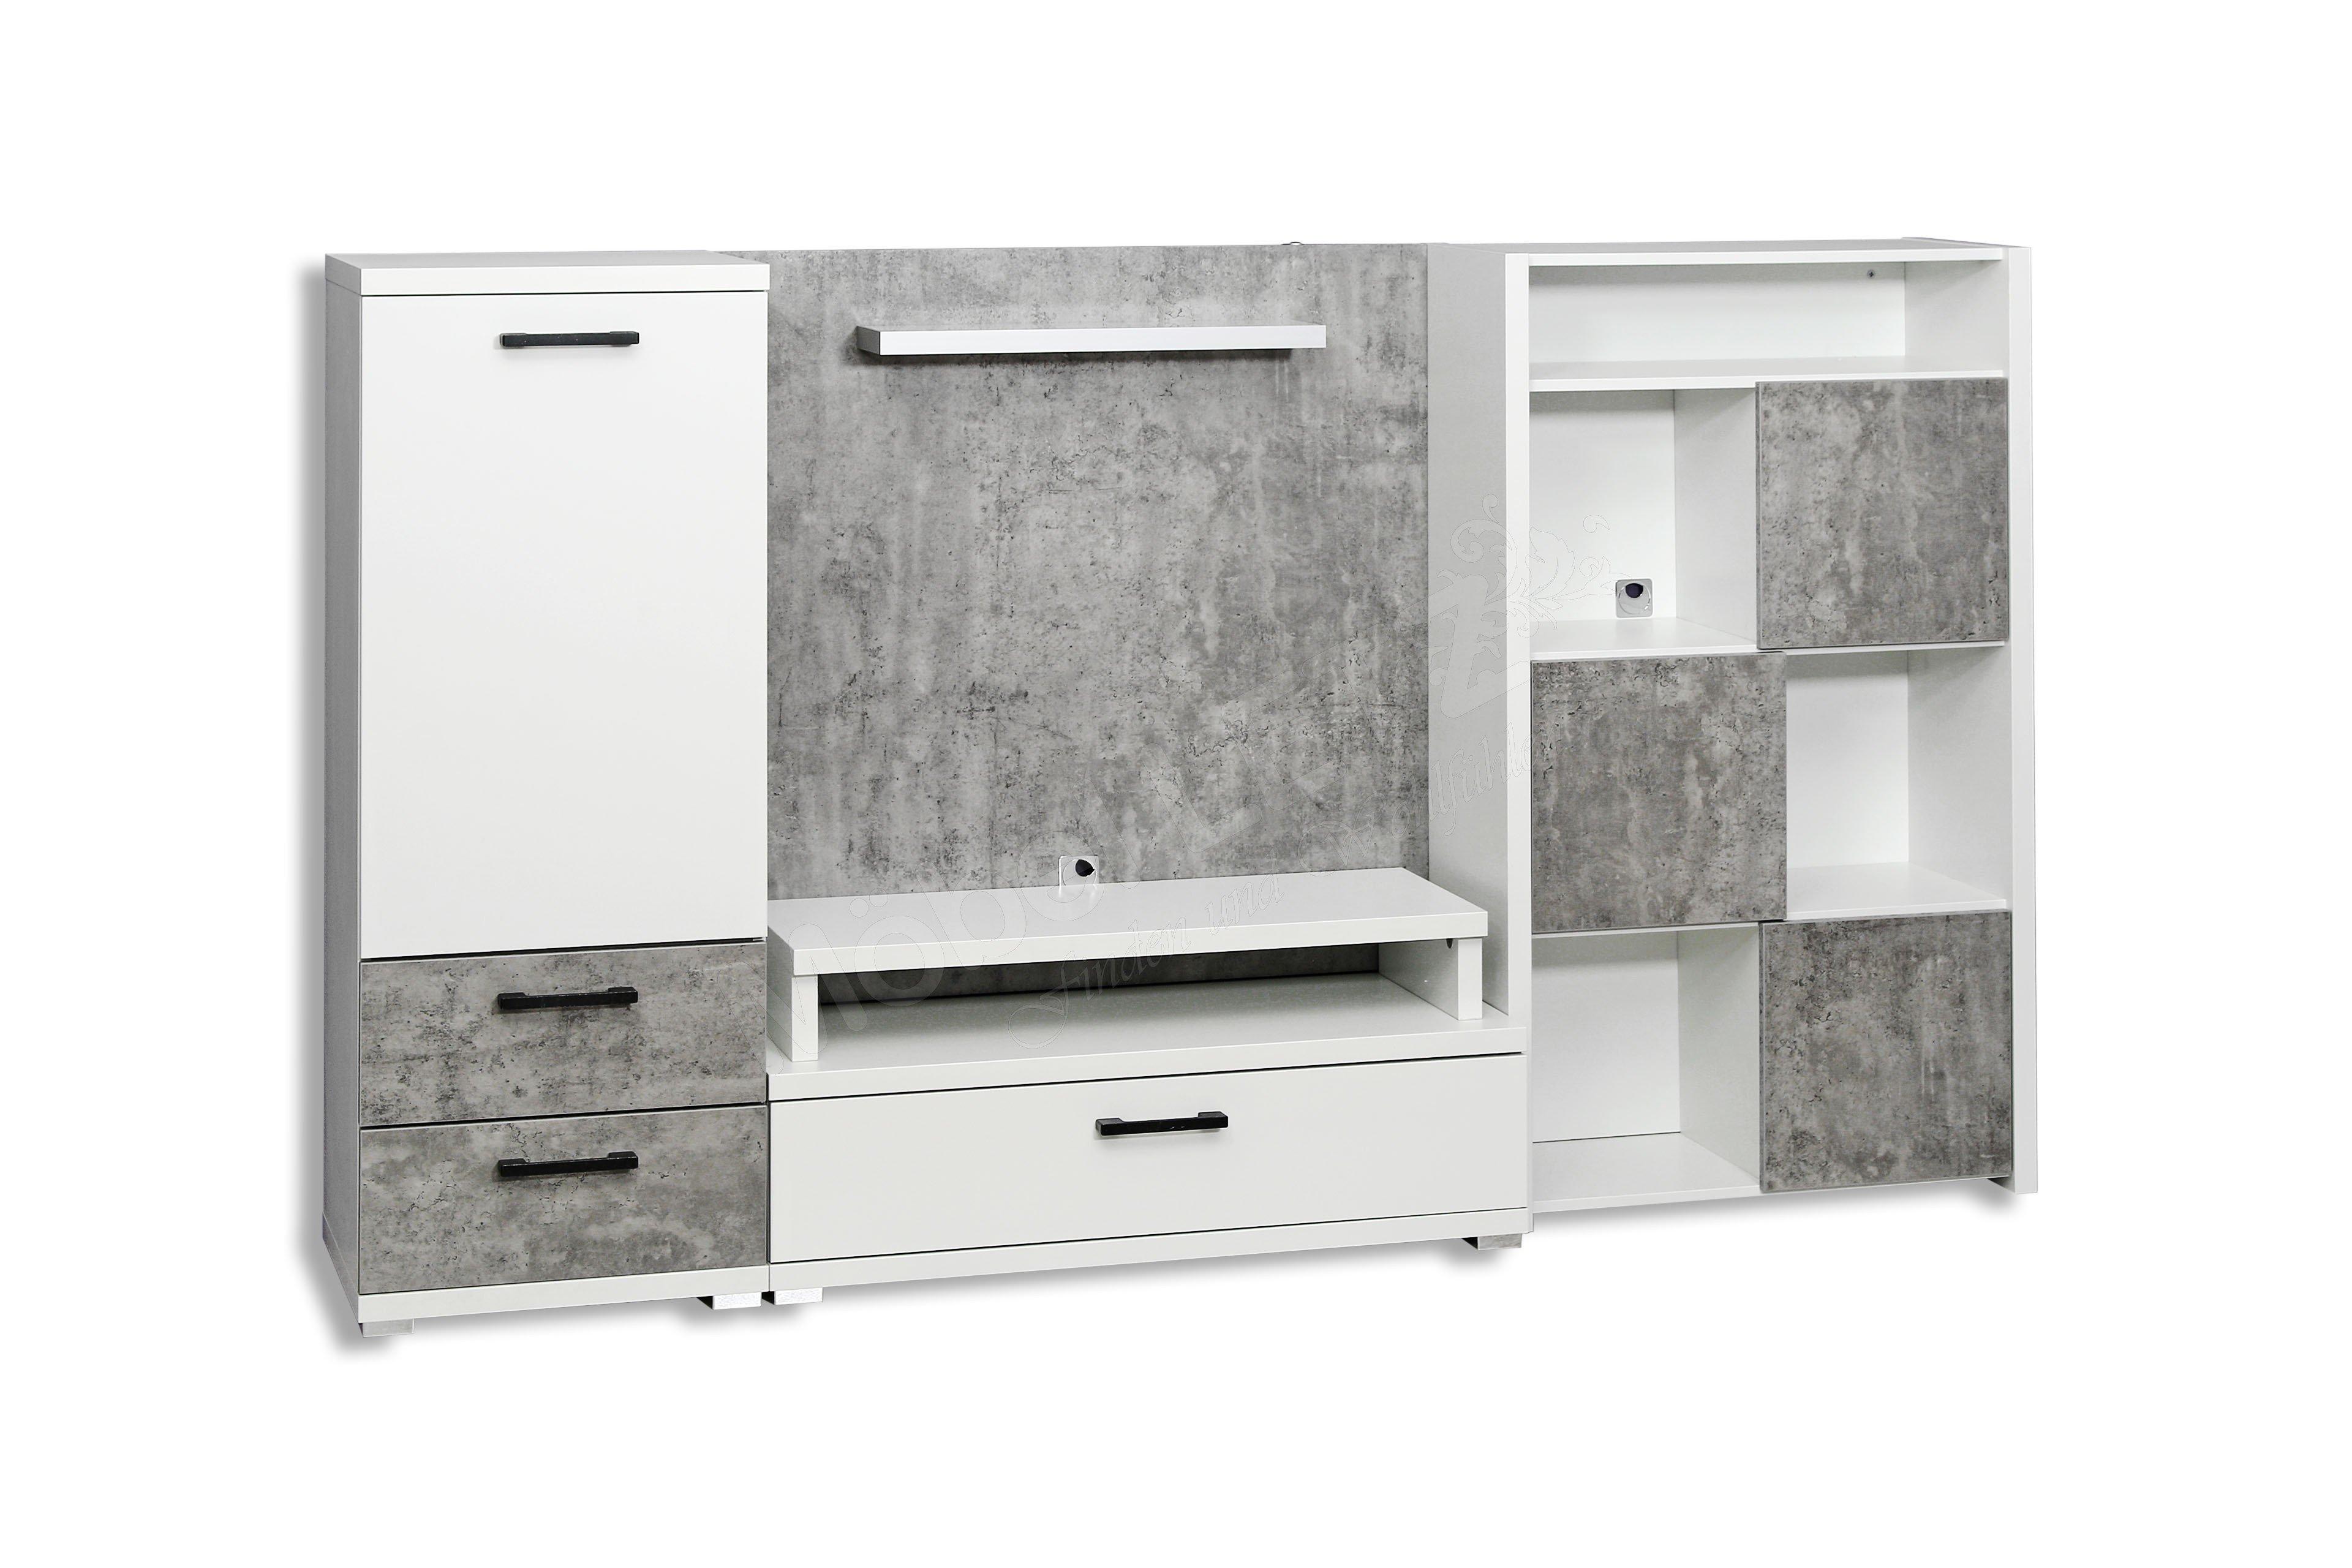 Rauch Wohnwand Nice4fantasy weiß - grau | Möbel Letz - Ihr Online-Shop